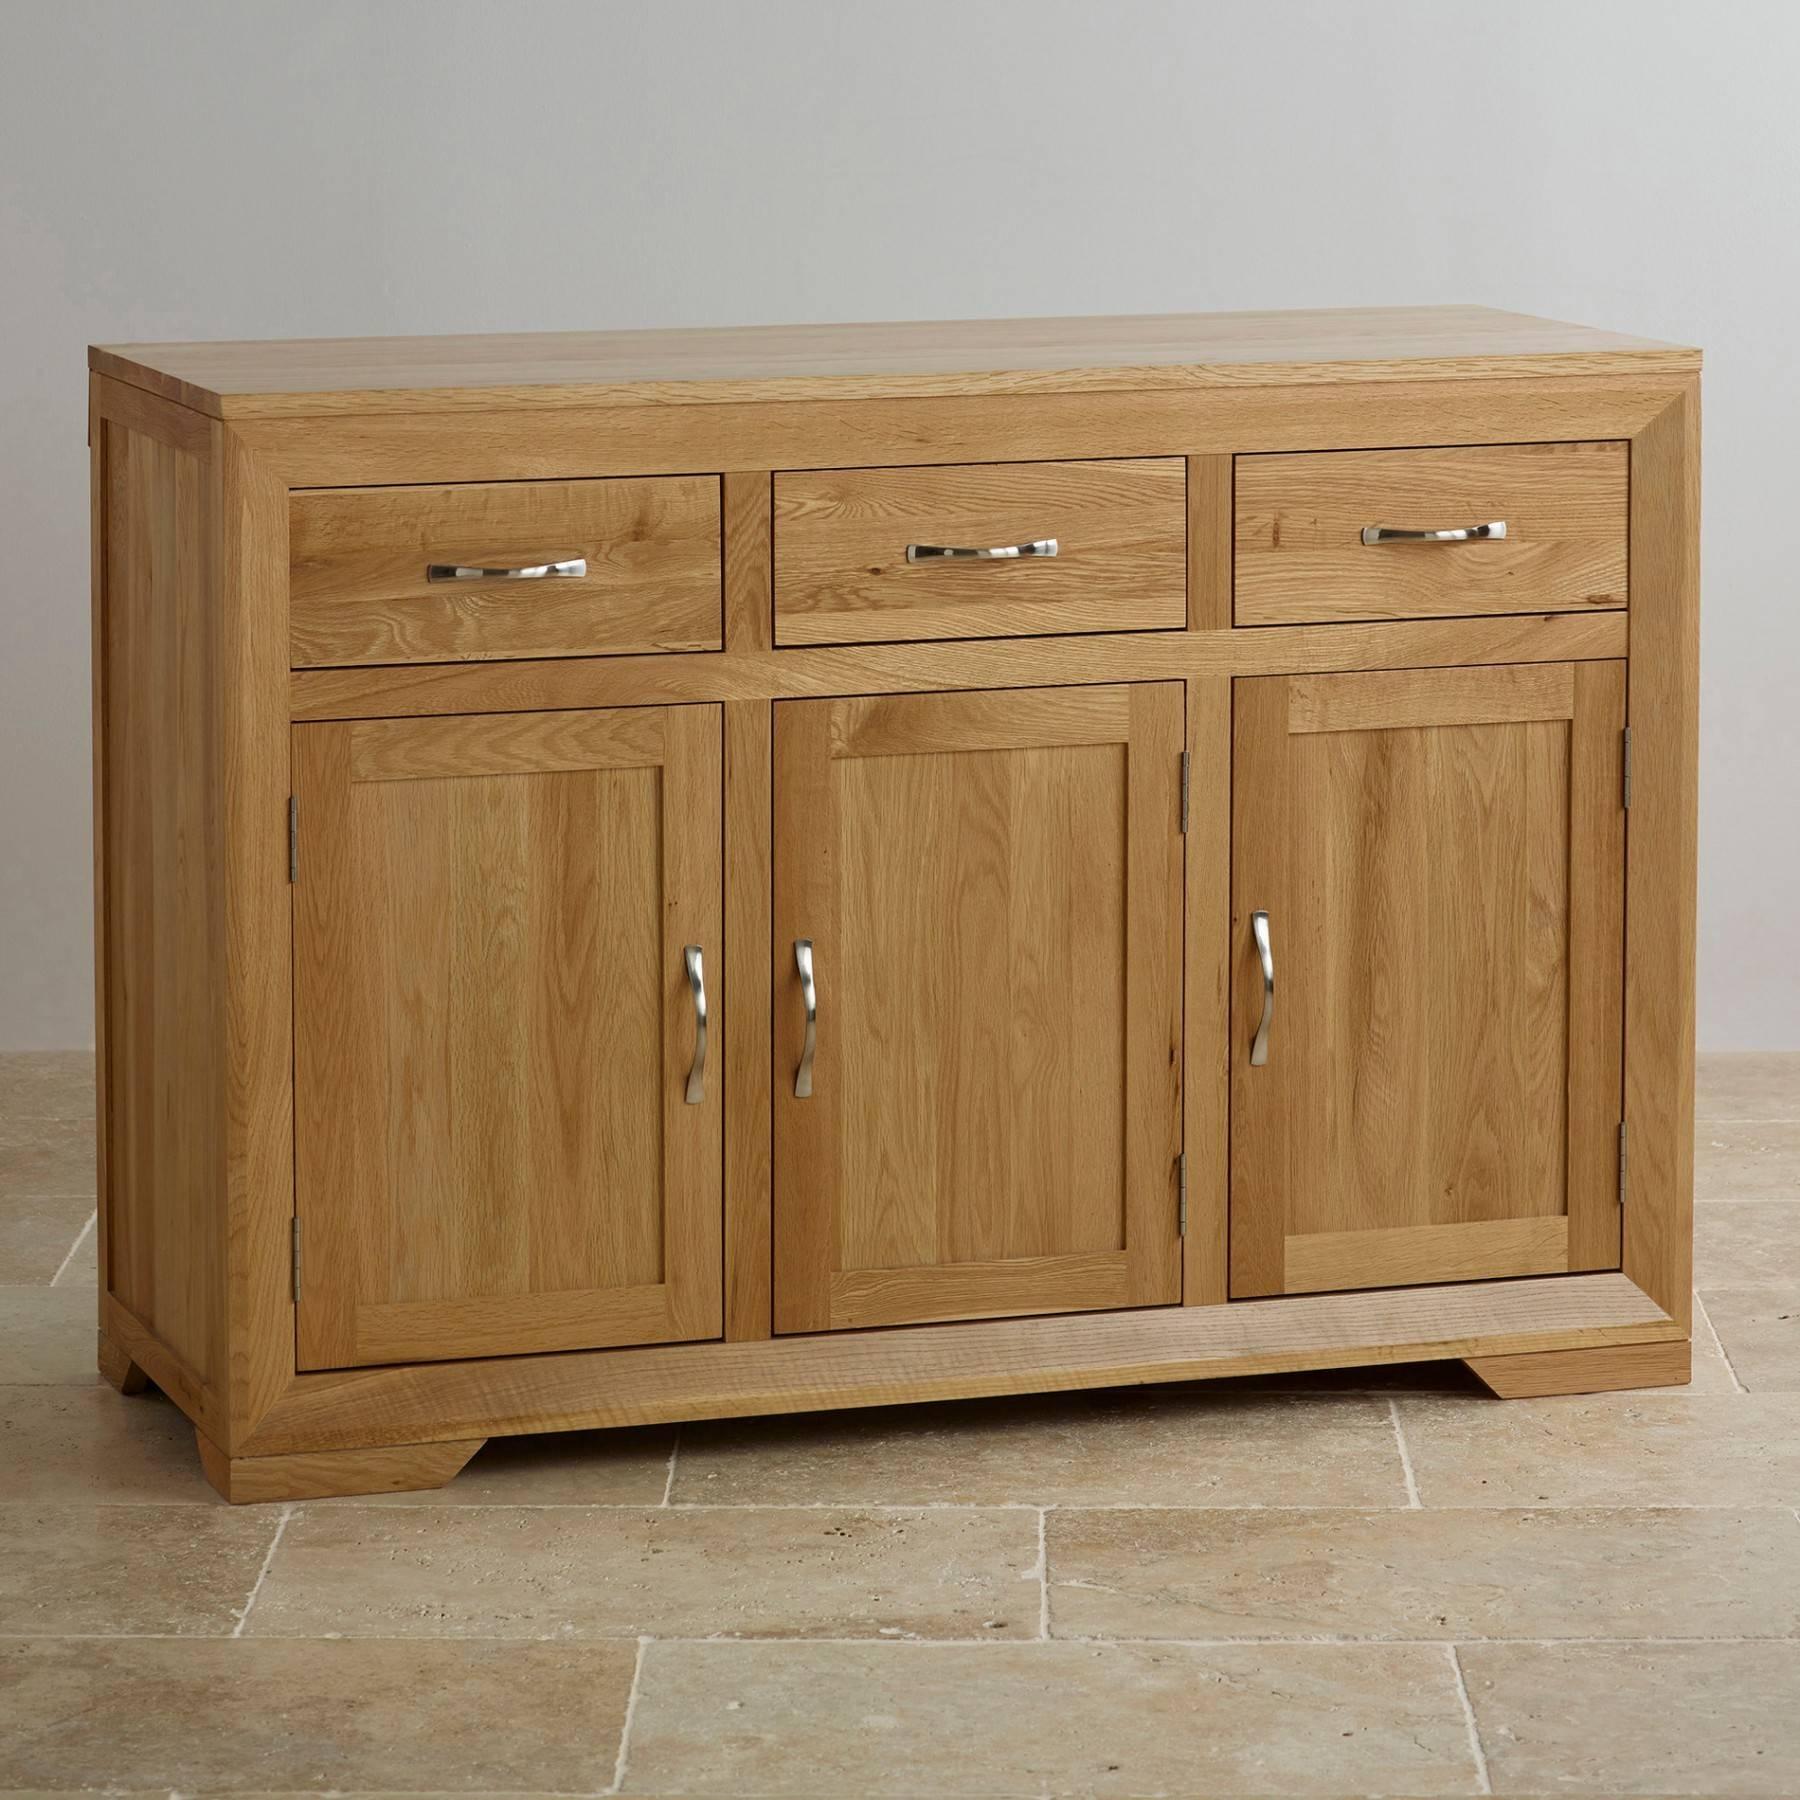 Bevel Natural Solid Oak Large Sideboard | Sideboards | Dining Room Regarding Most Current Large Oak Sideboard (View 9 of 15)